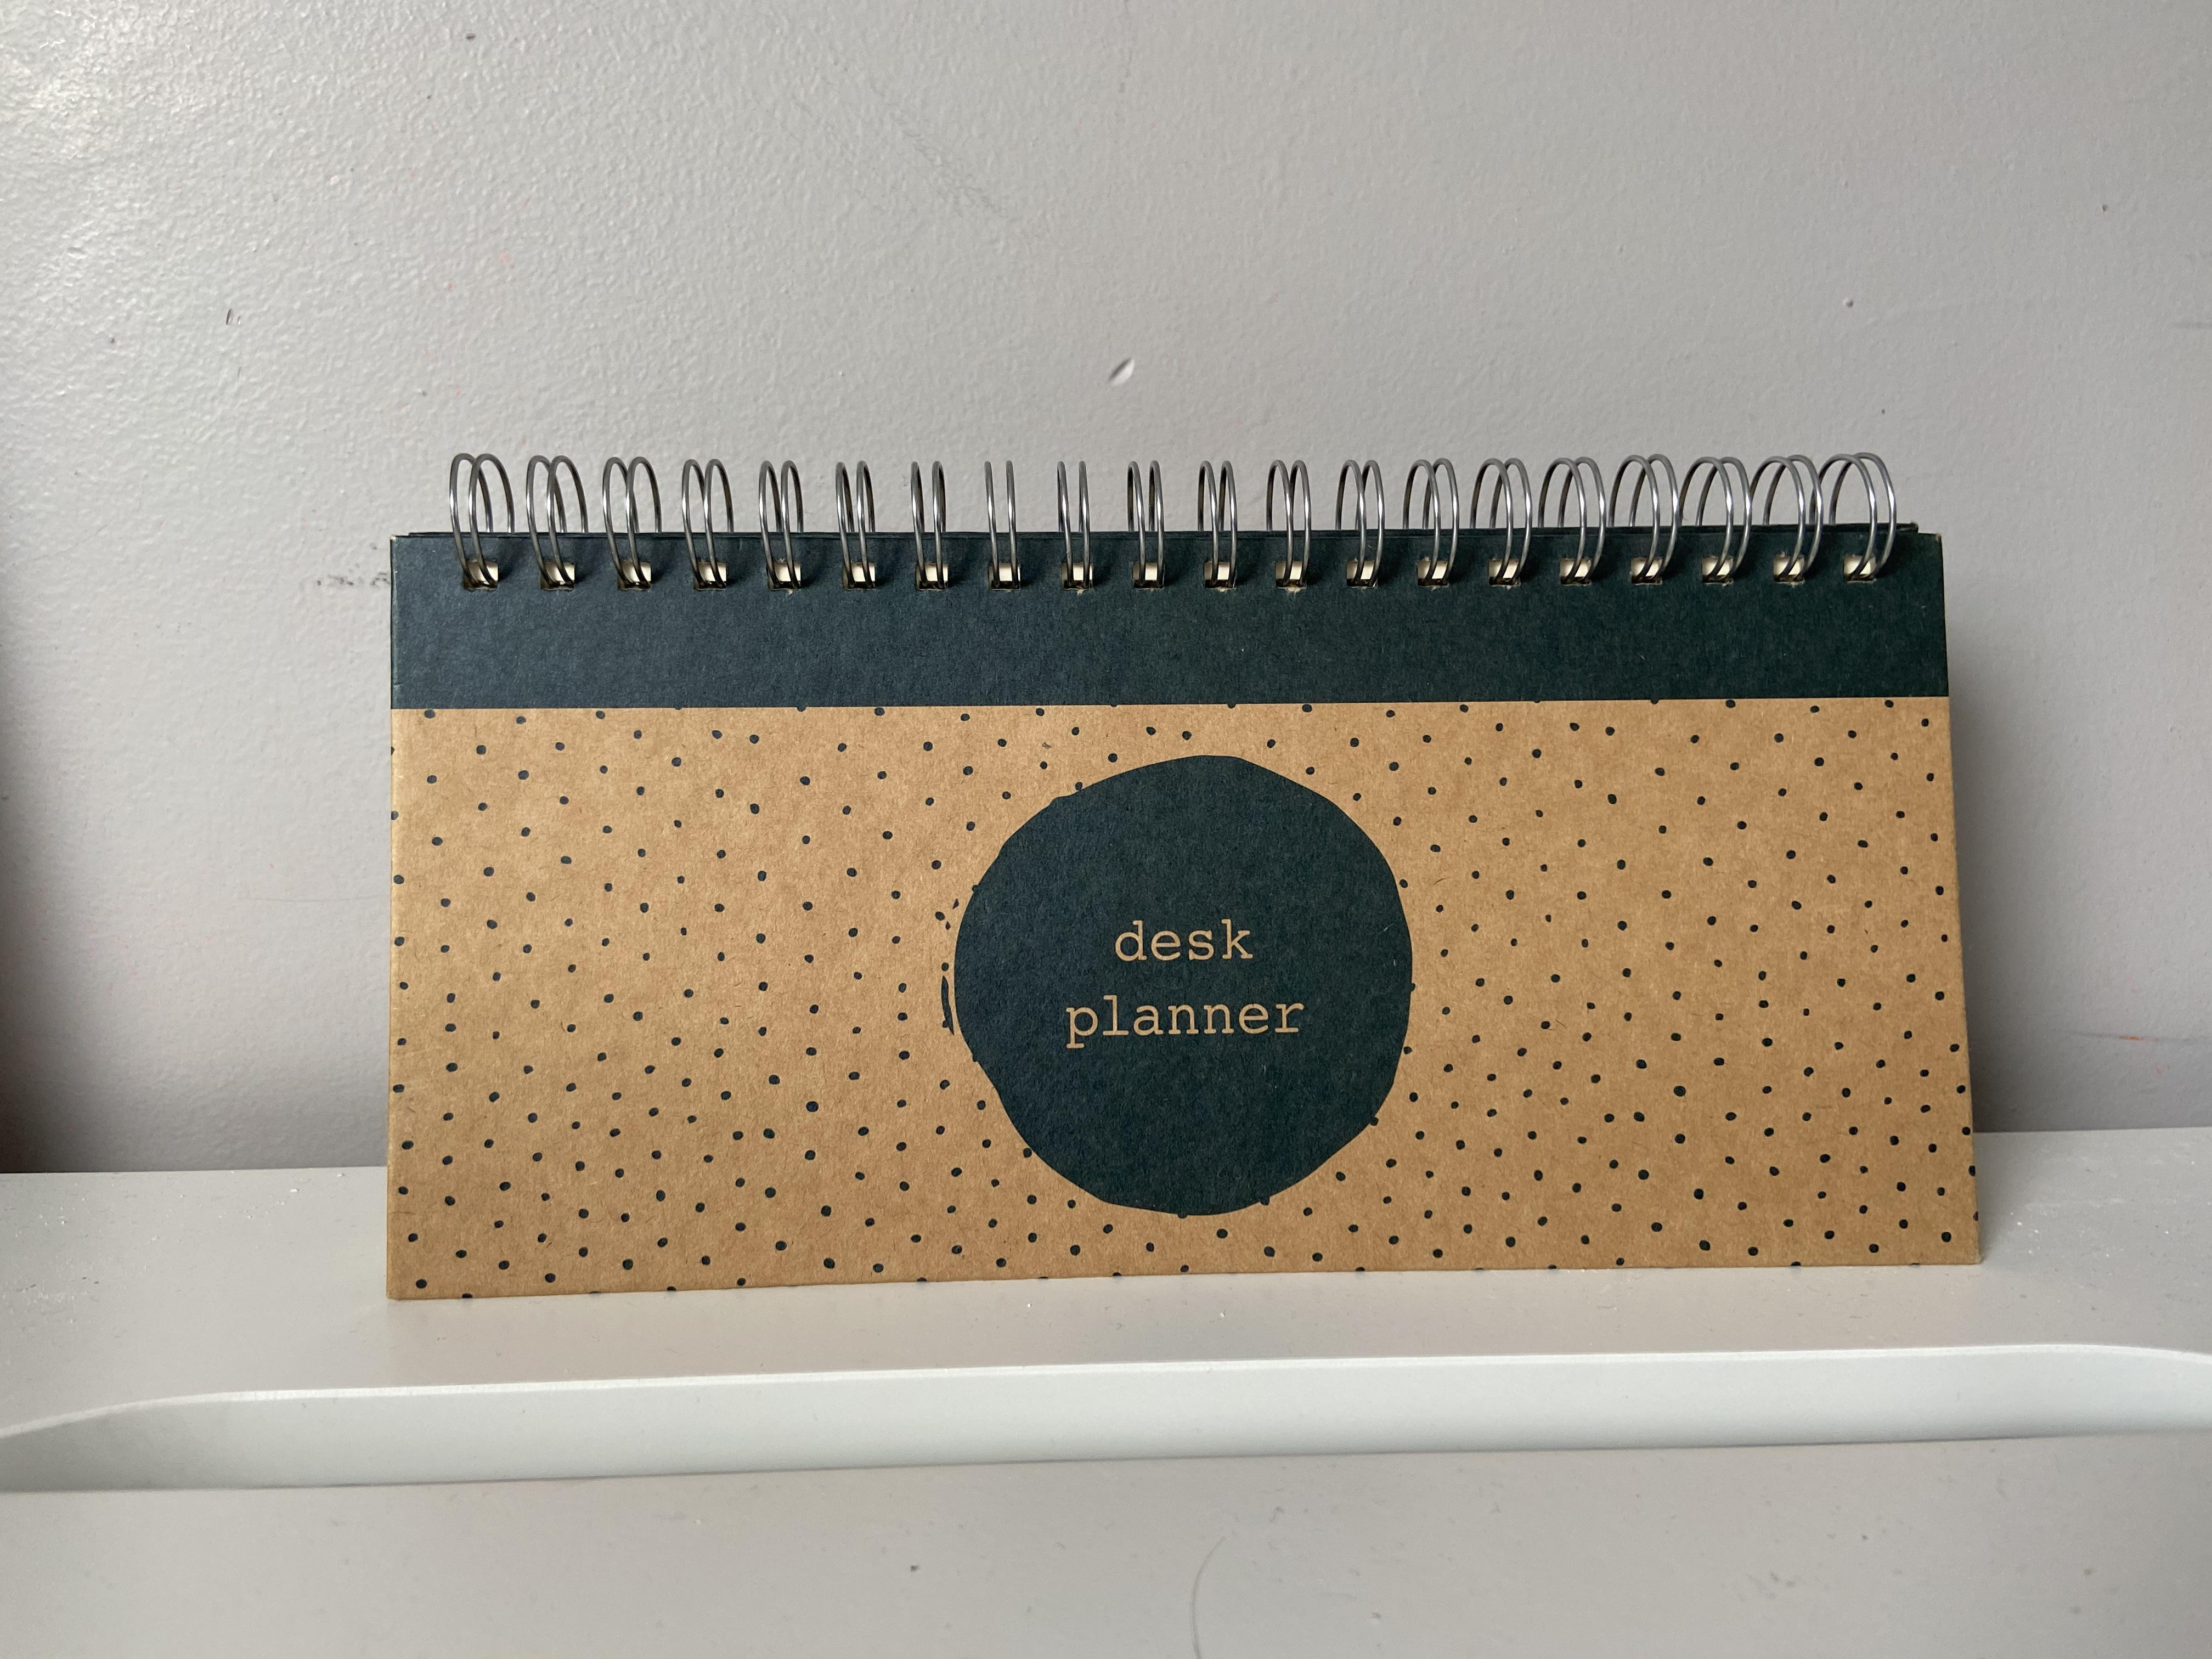 troc de troc desk planner (plus disponible) image 0